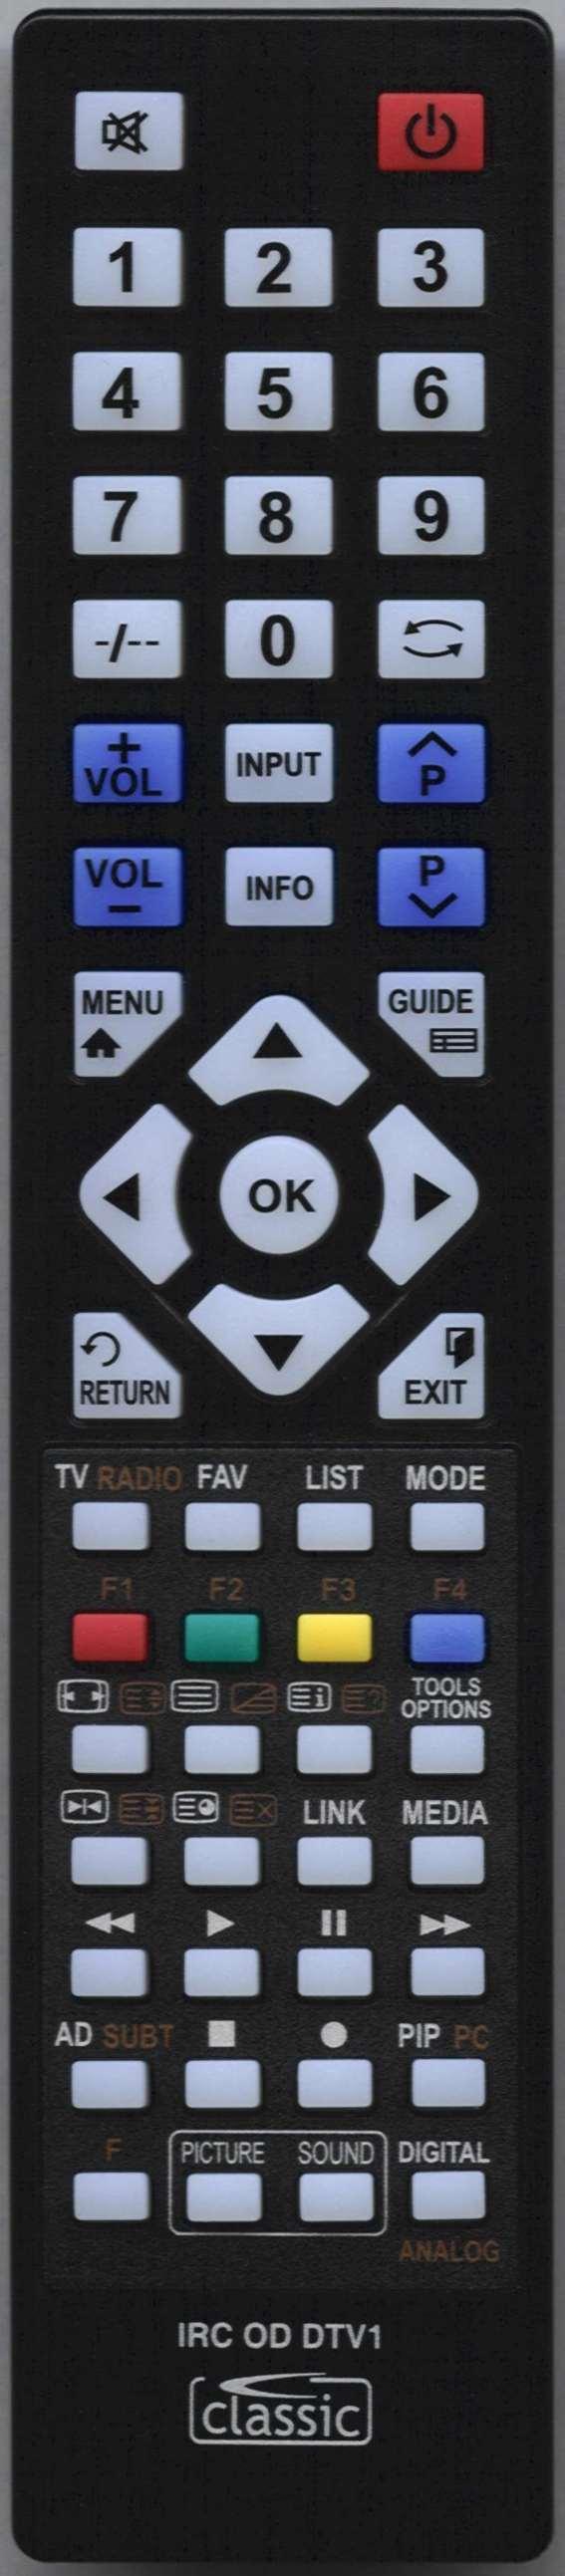 POLAROID P55US0756A Remote Control